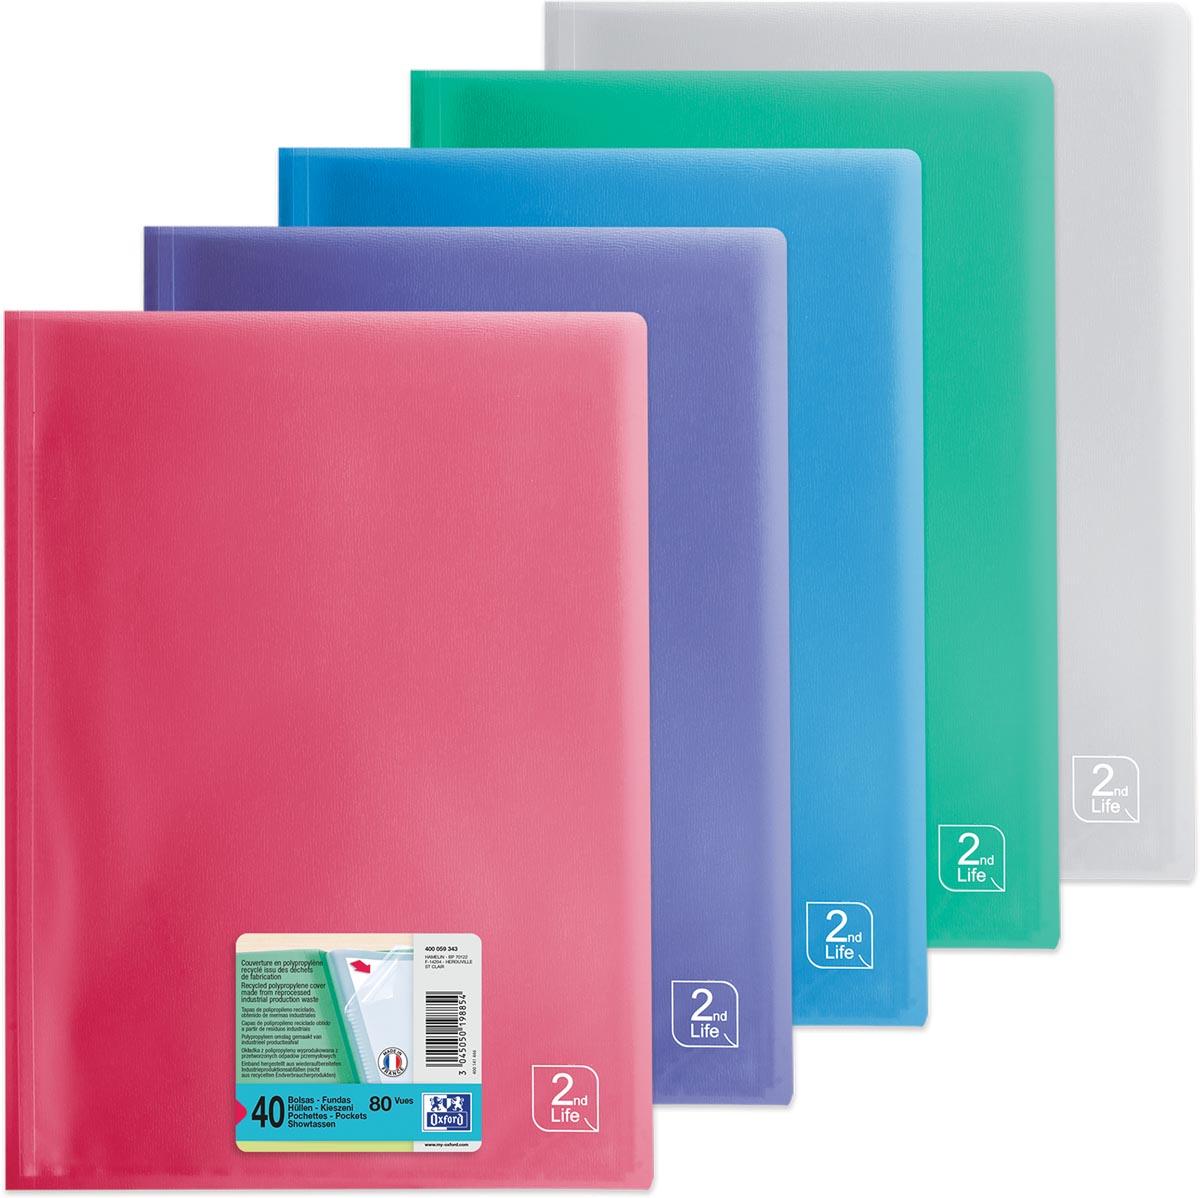 OXFORD 2nd Life presentatiealbum, formaat A4, uit PP, met 40 tassen, geassorteerde kleuren